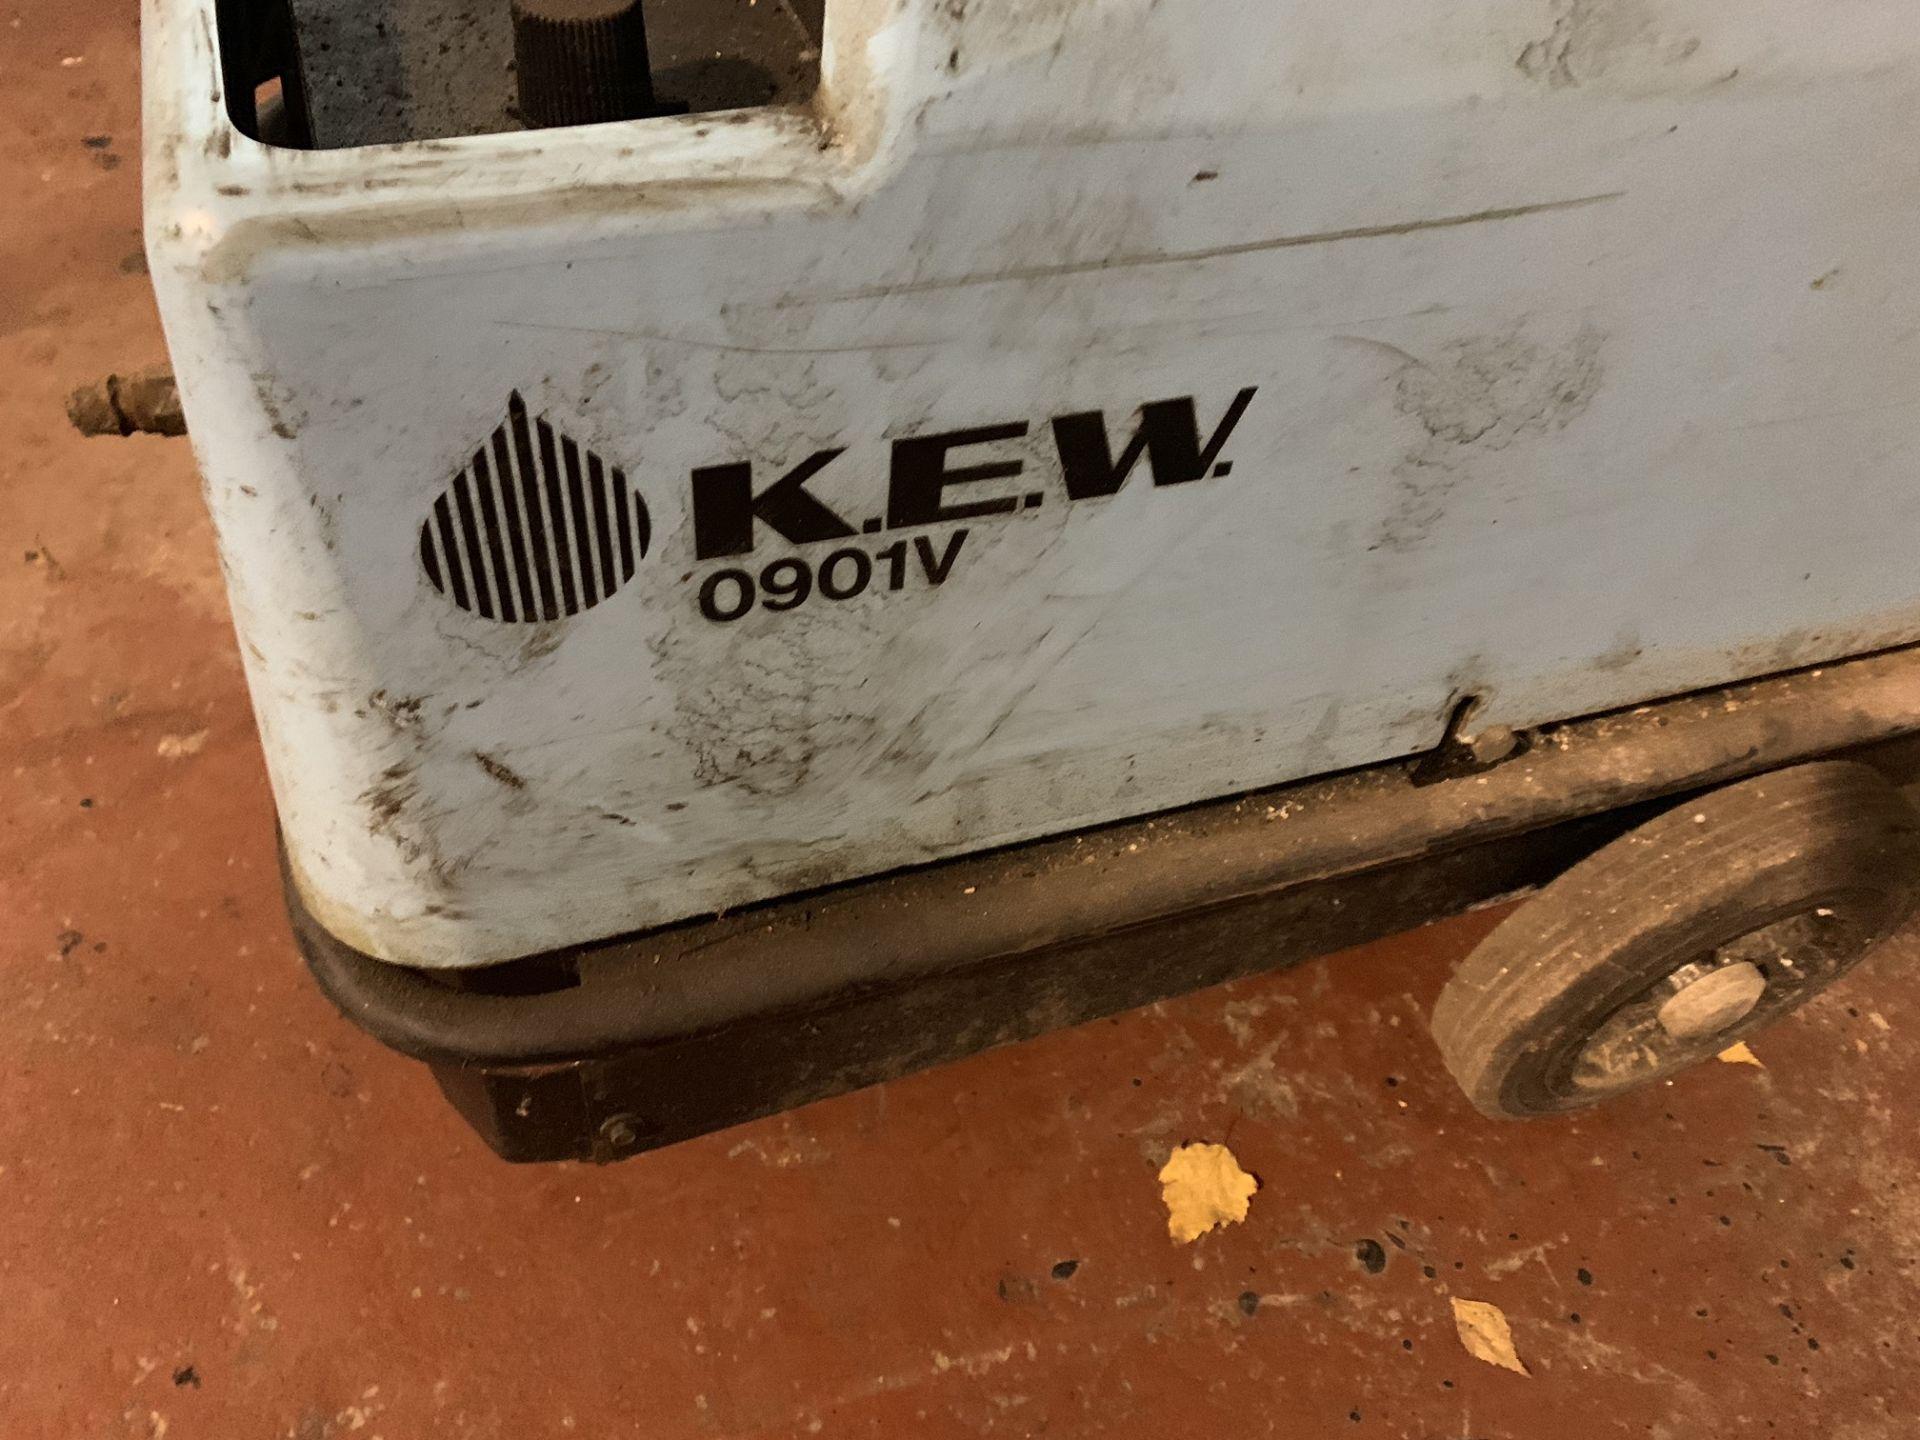 Lot 3 - KEW 0901V STEAM CLEANER